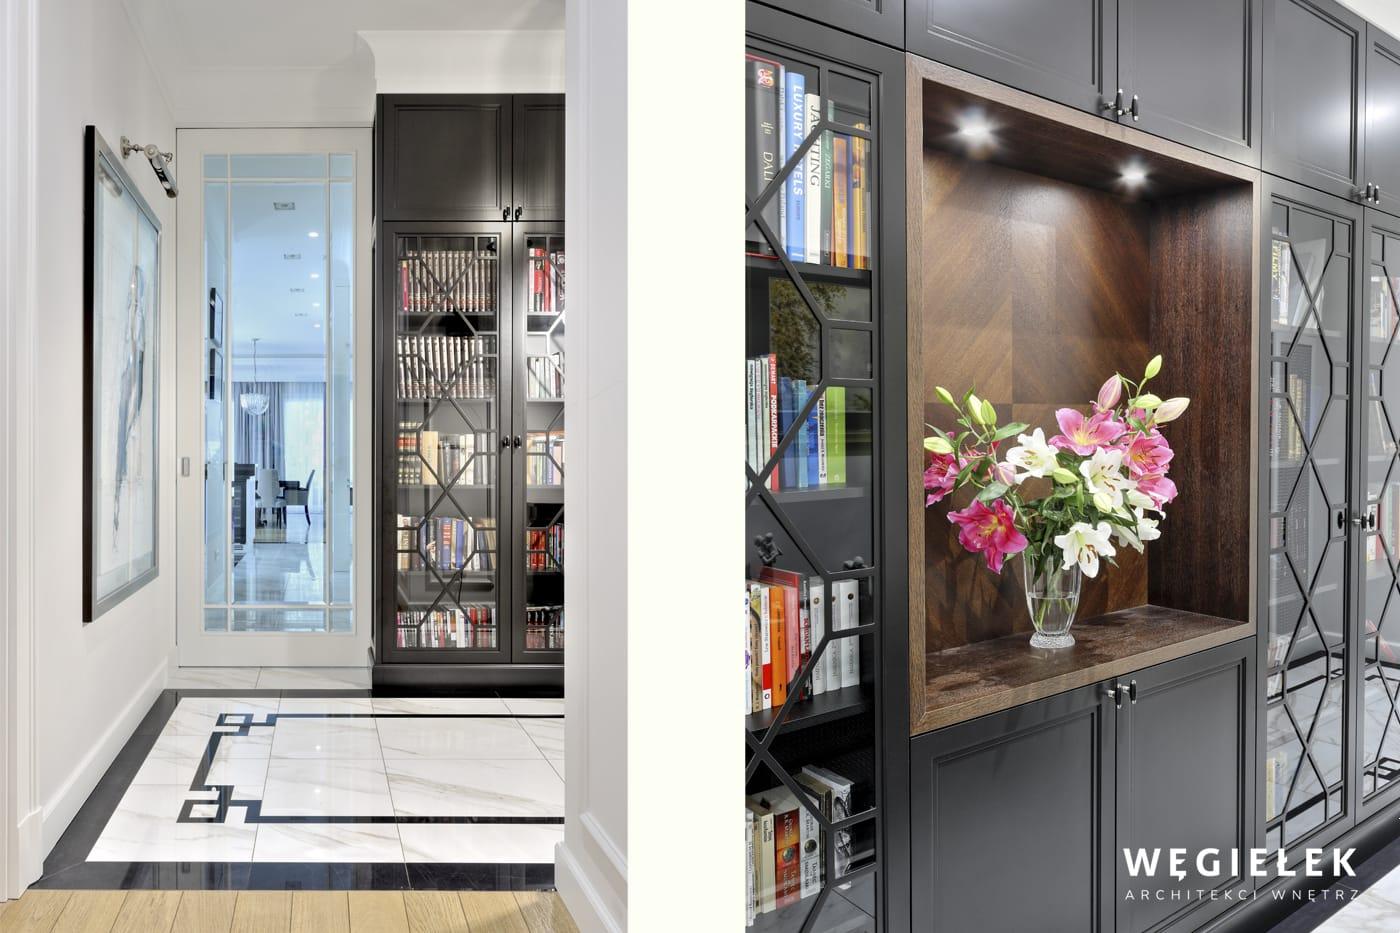 Projektant wnętrz prezentuje urokliwy hol oraz bibliotekę. Meble są z drewna, a ich wzór nawiązuje do posadzki. Całość tworzy wizję dbałości o każdy szczegół.